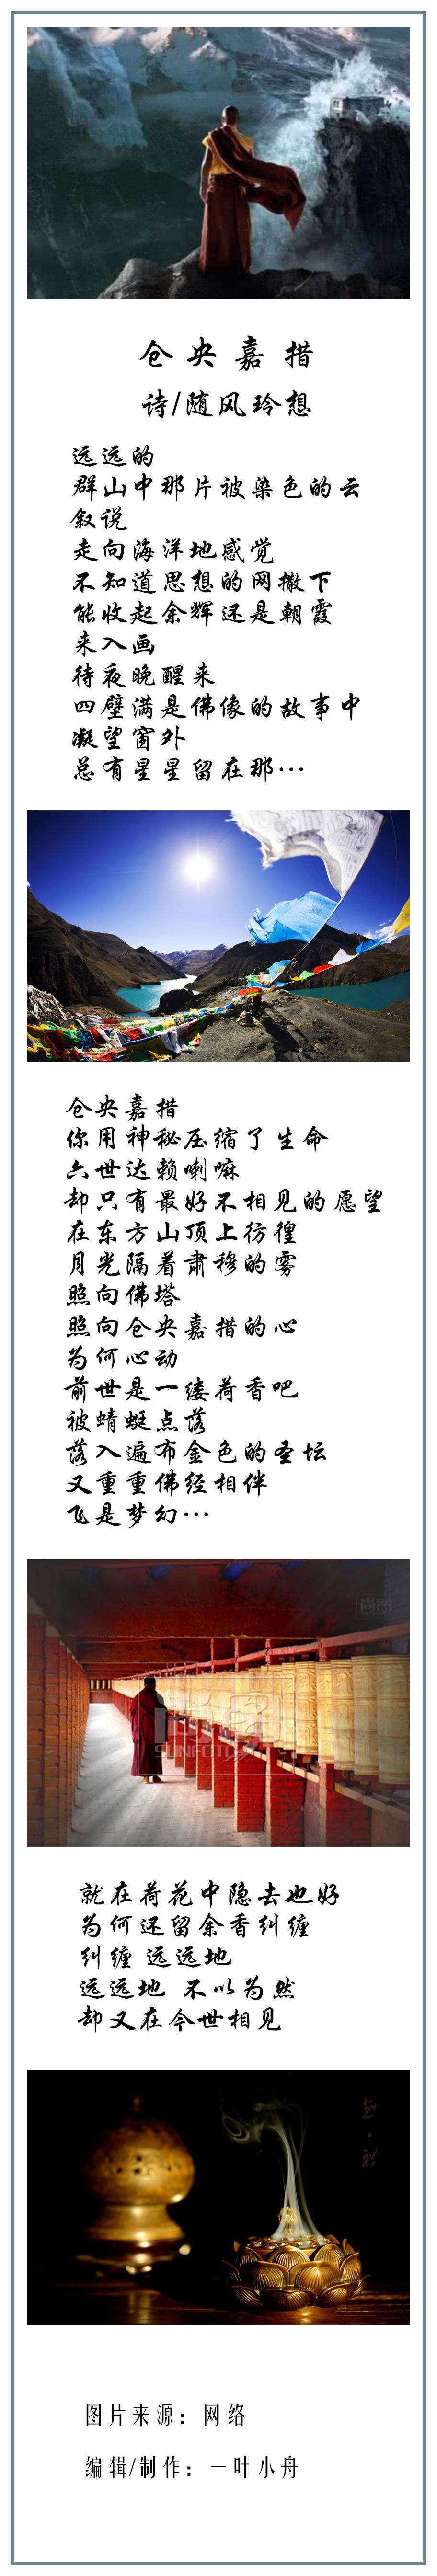 仓央嘉措诗合成2